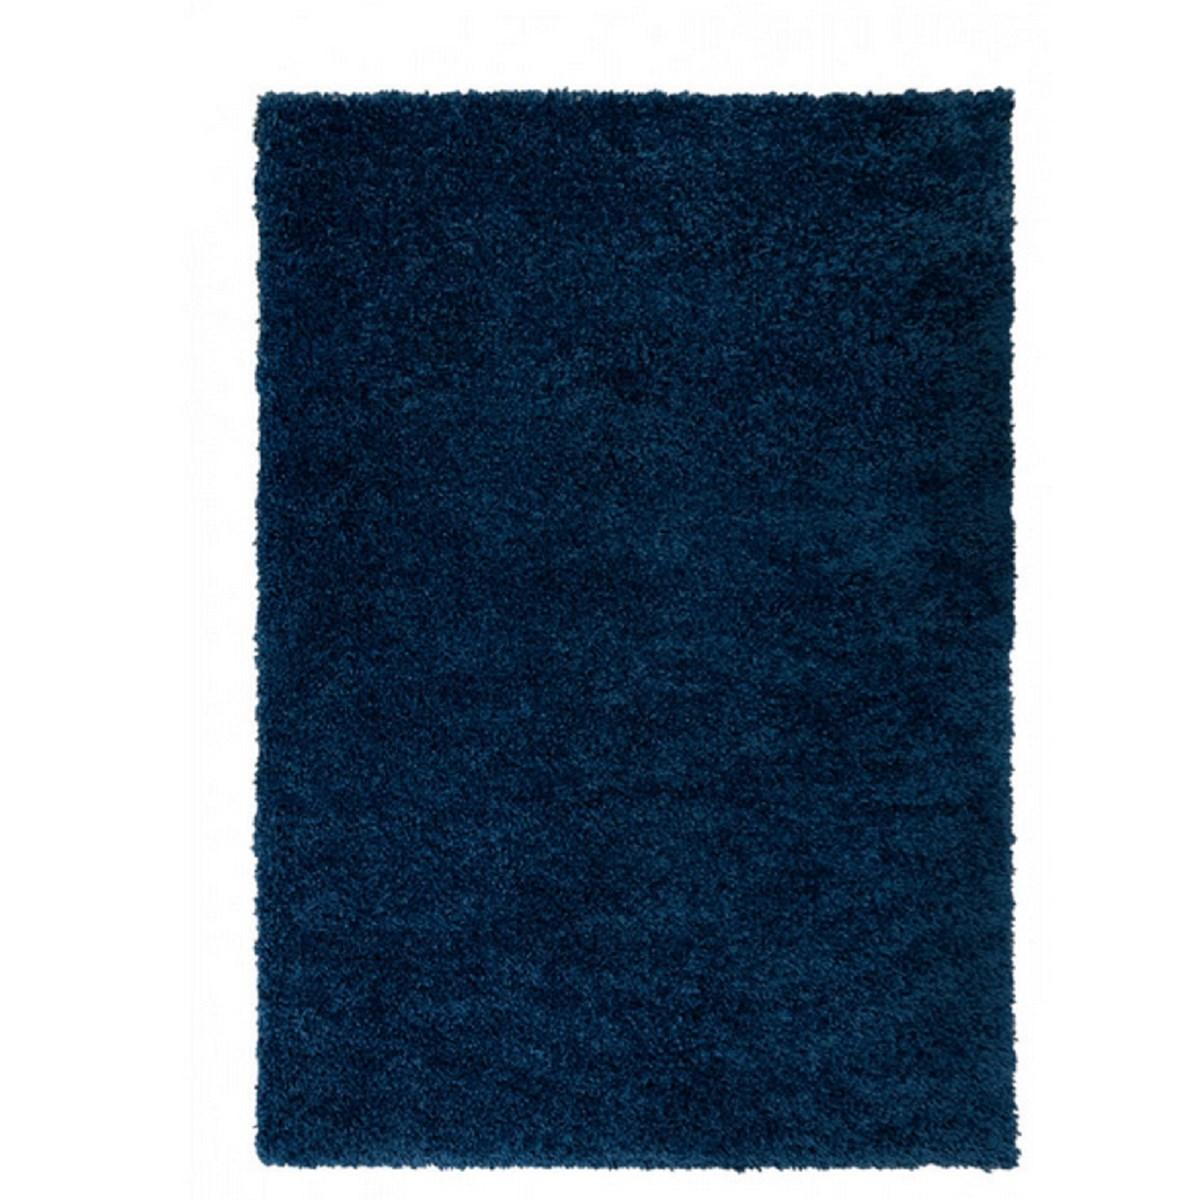 Tapis shaggy en Polypropylène Bleu 200x290 cm